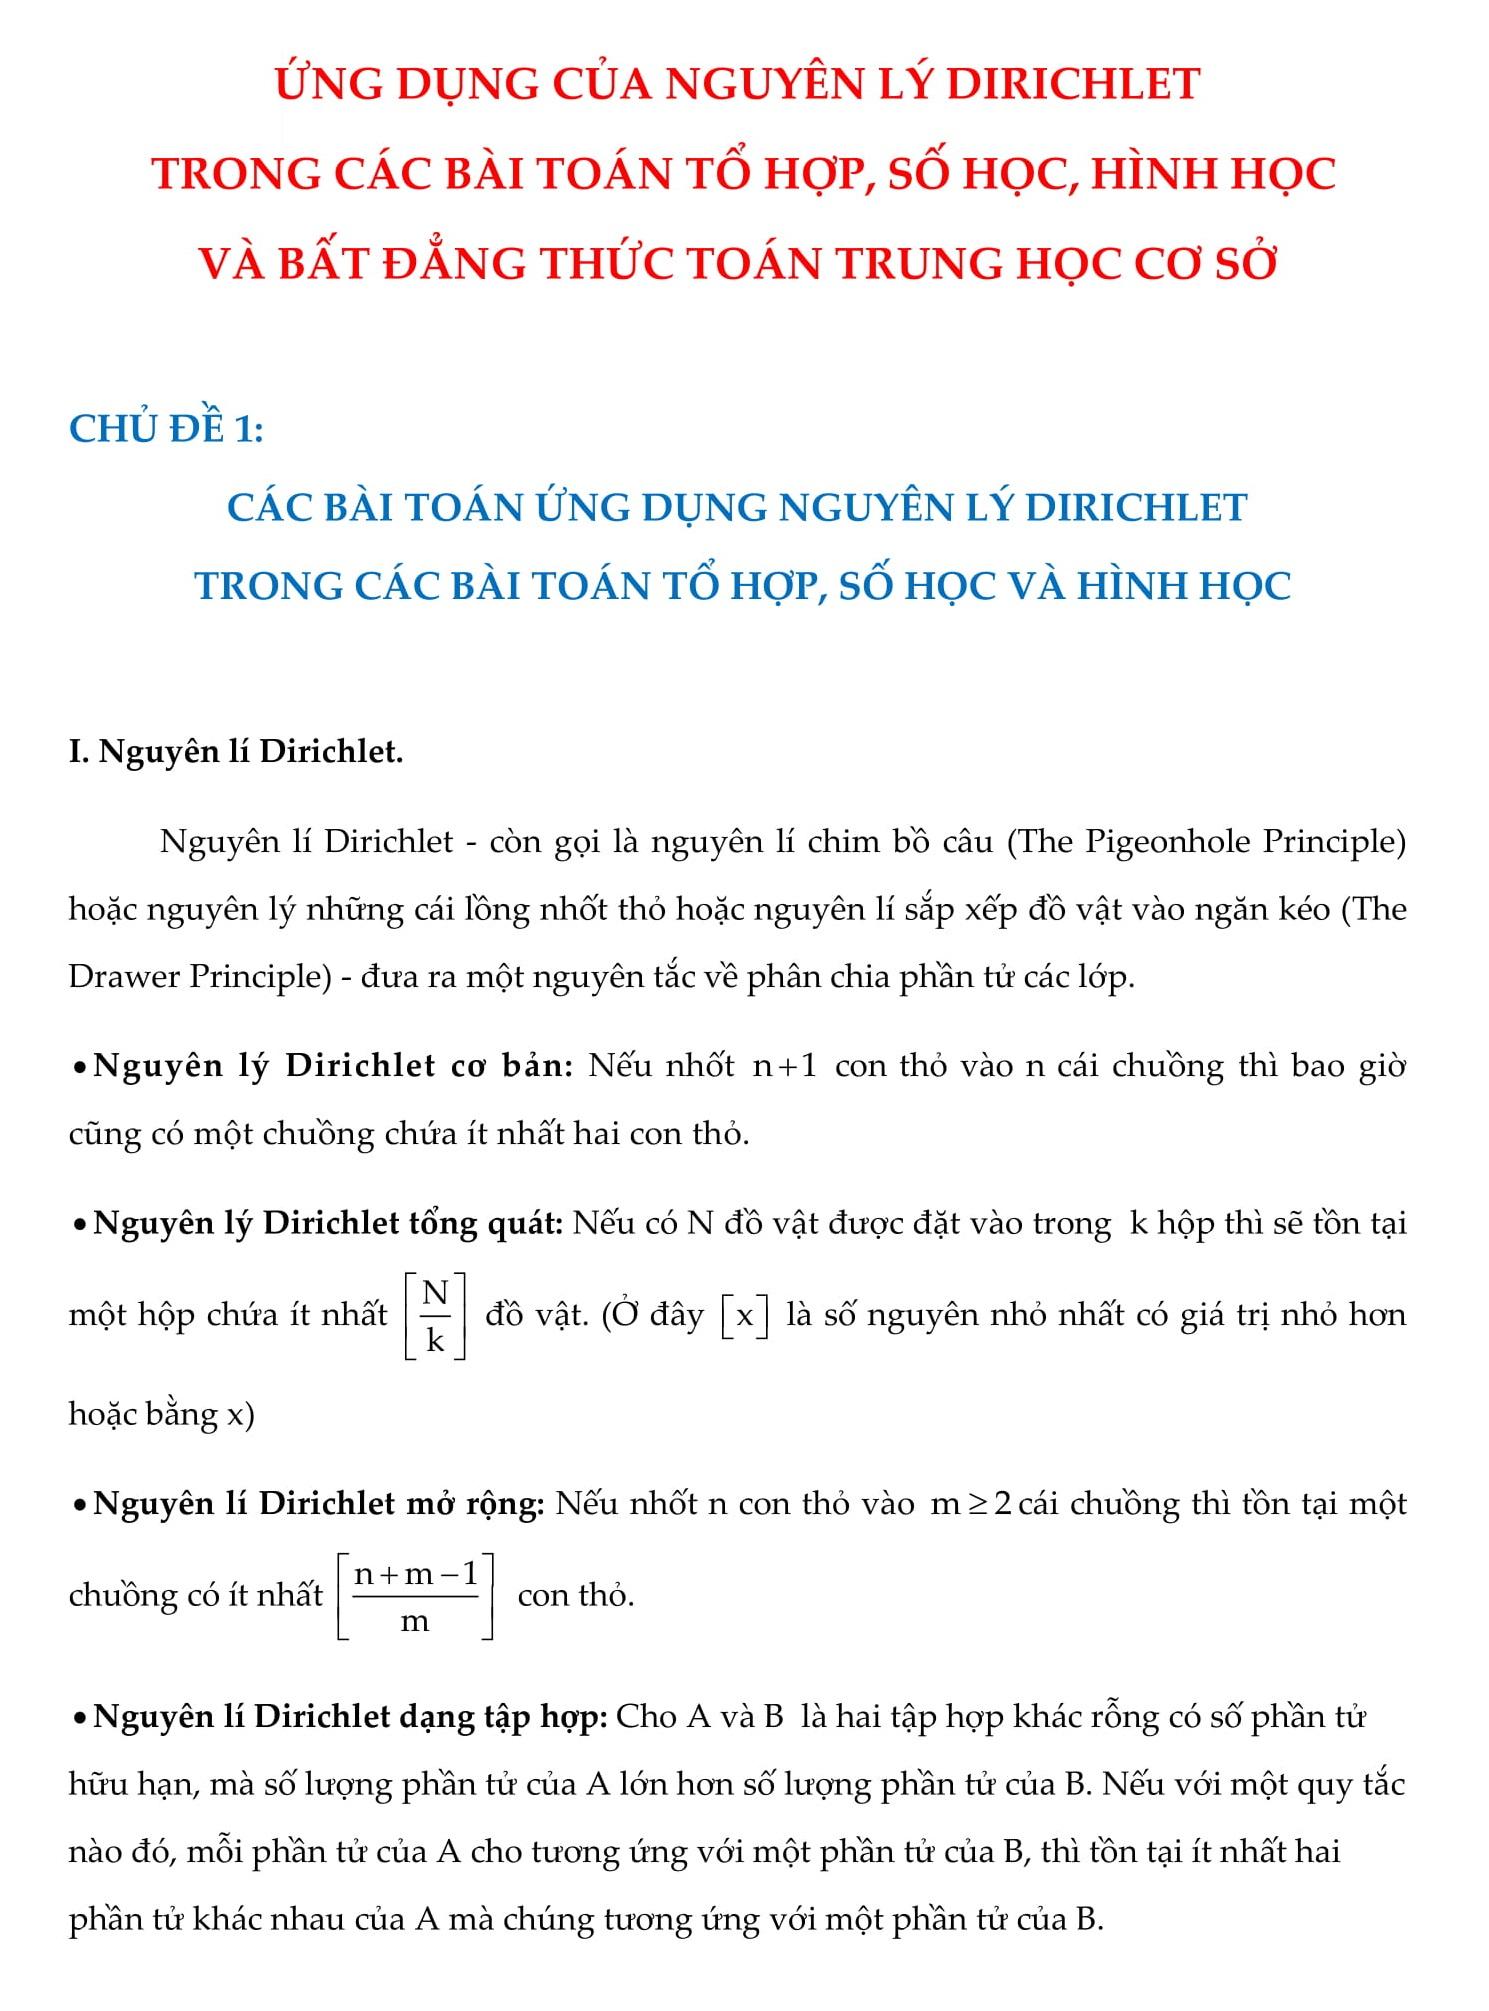 Ứng dụng giải bài tập bằng nguyên lí Dirichlet - Ôn thi vào 10